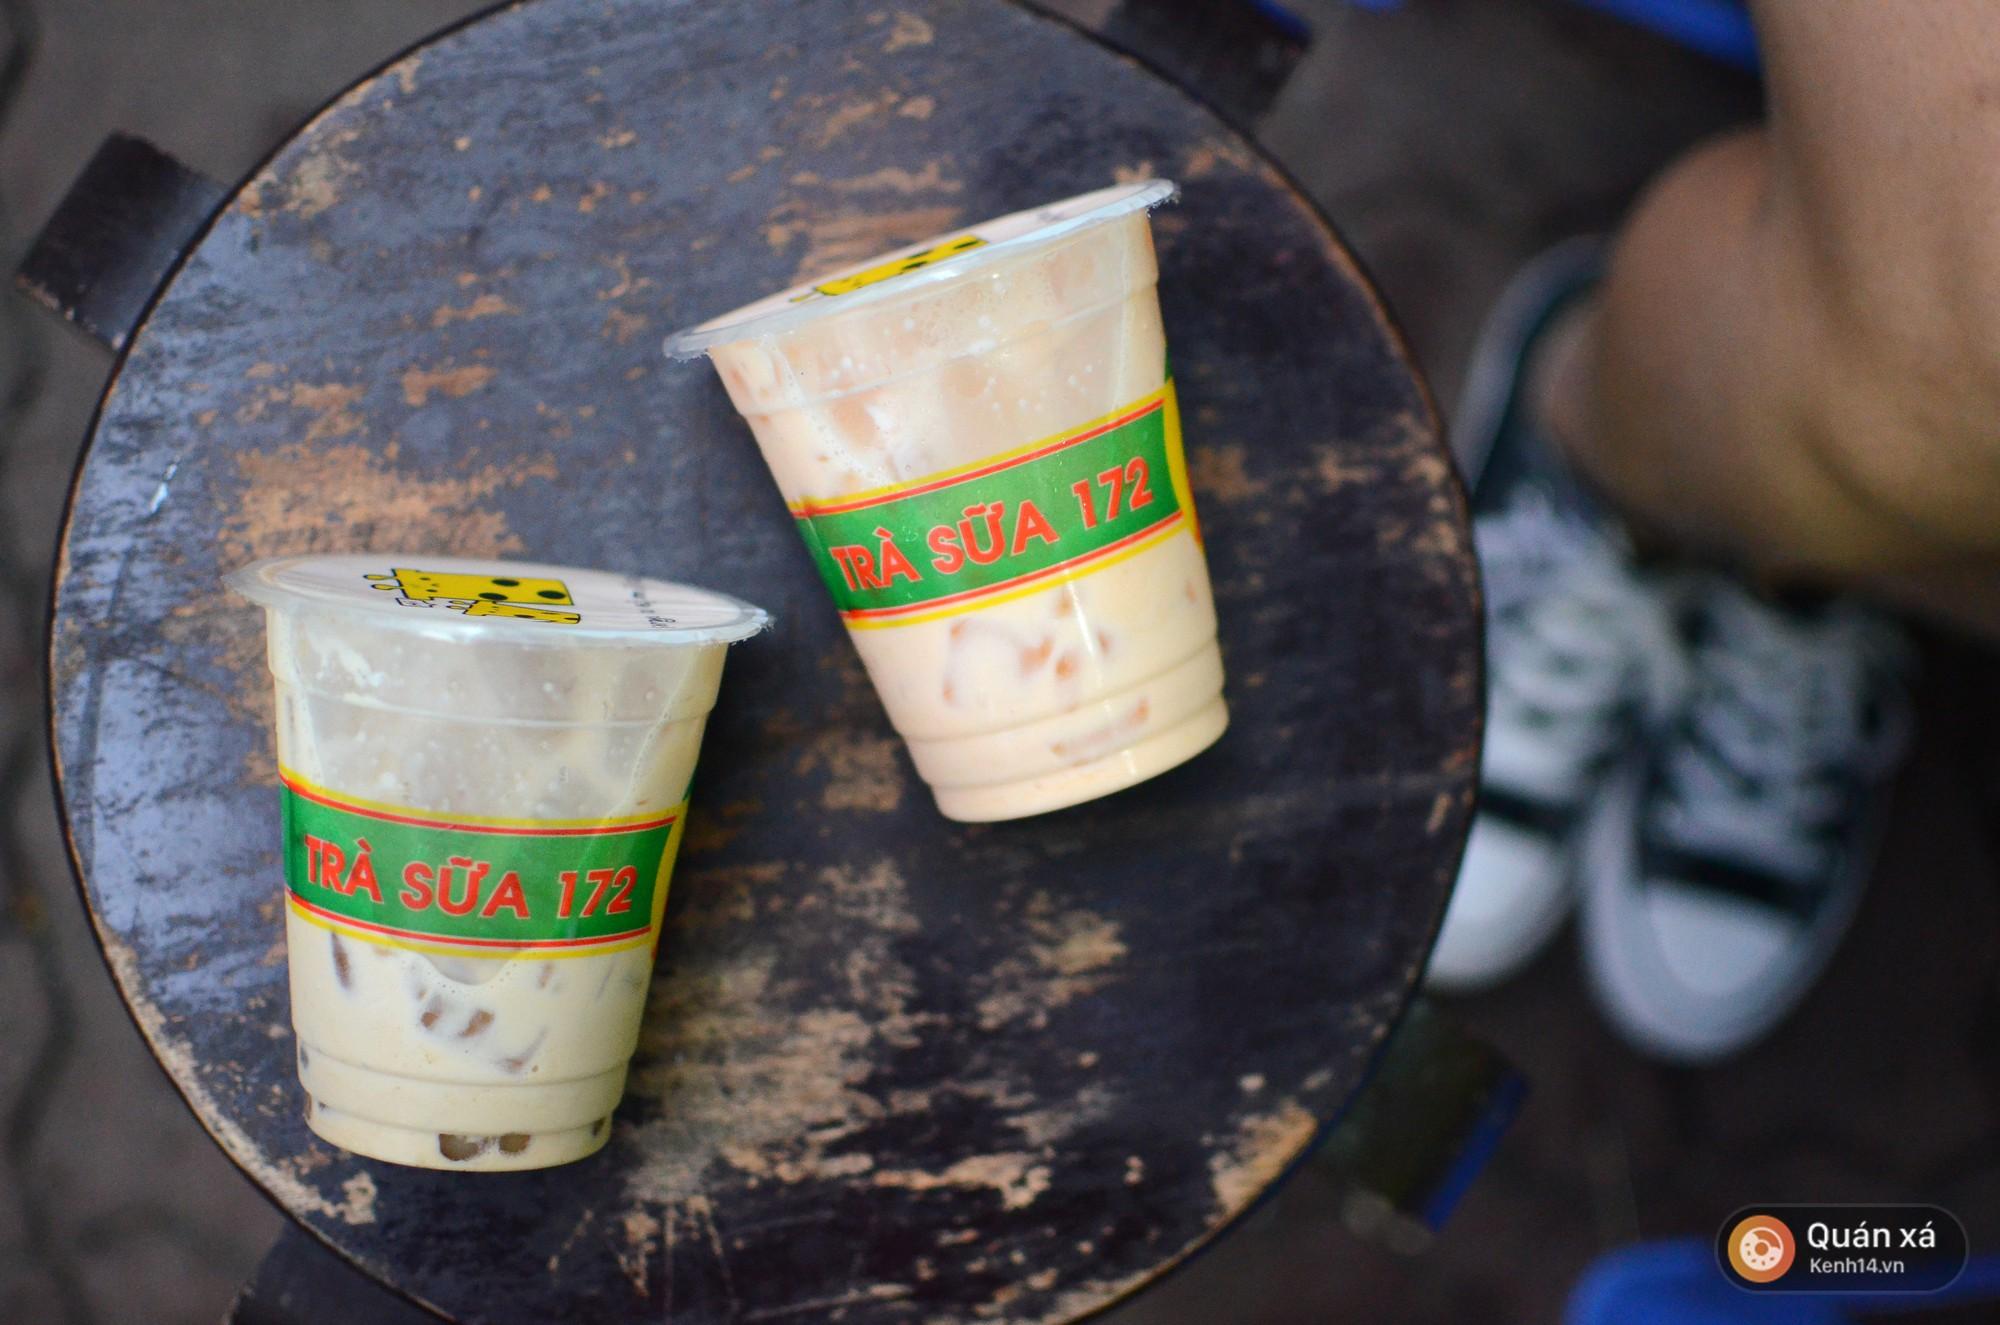 Trước khi có Gongcha, Royaltea, Dingtea... đây là những quán trà sữa đầu tiên của giới trẻ Hà Nội - Ảnh 16.